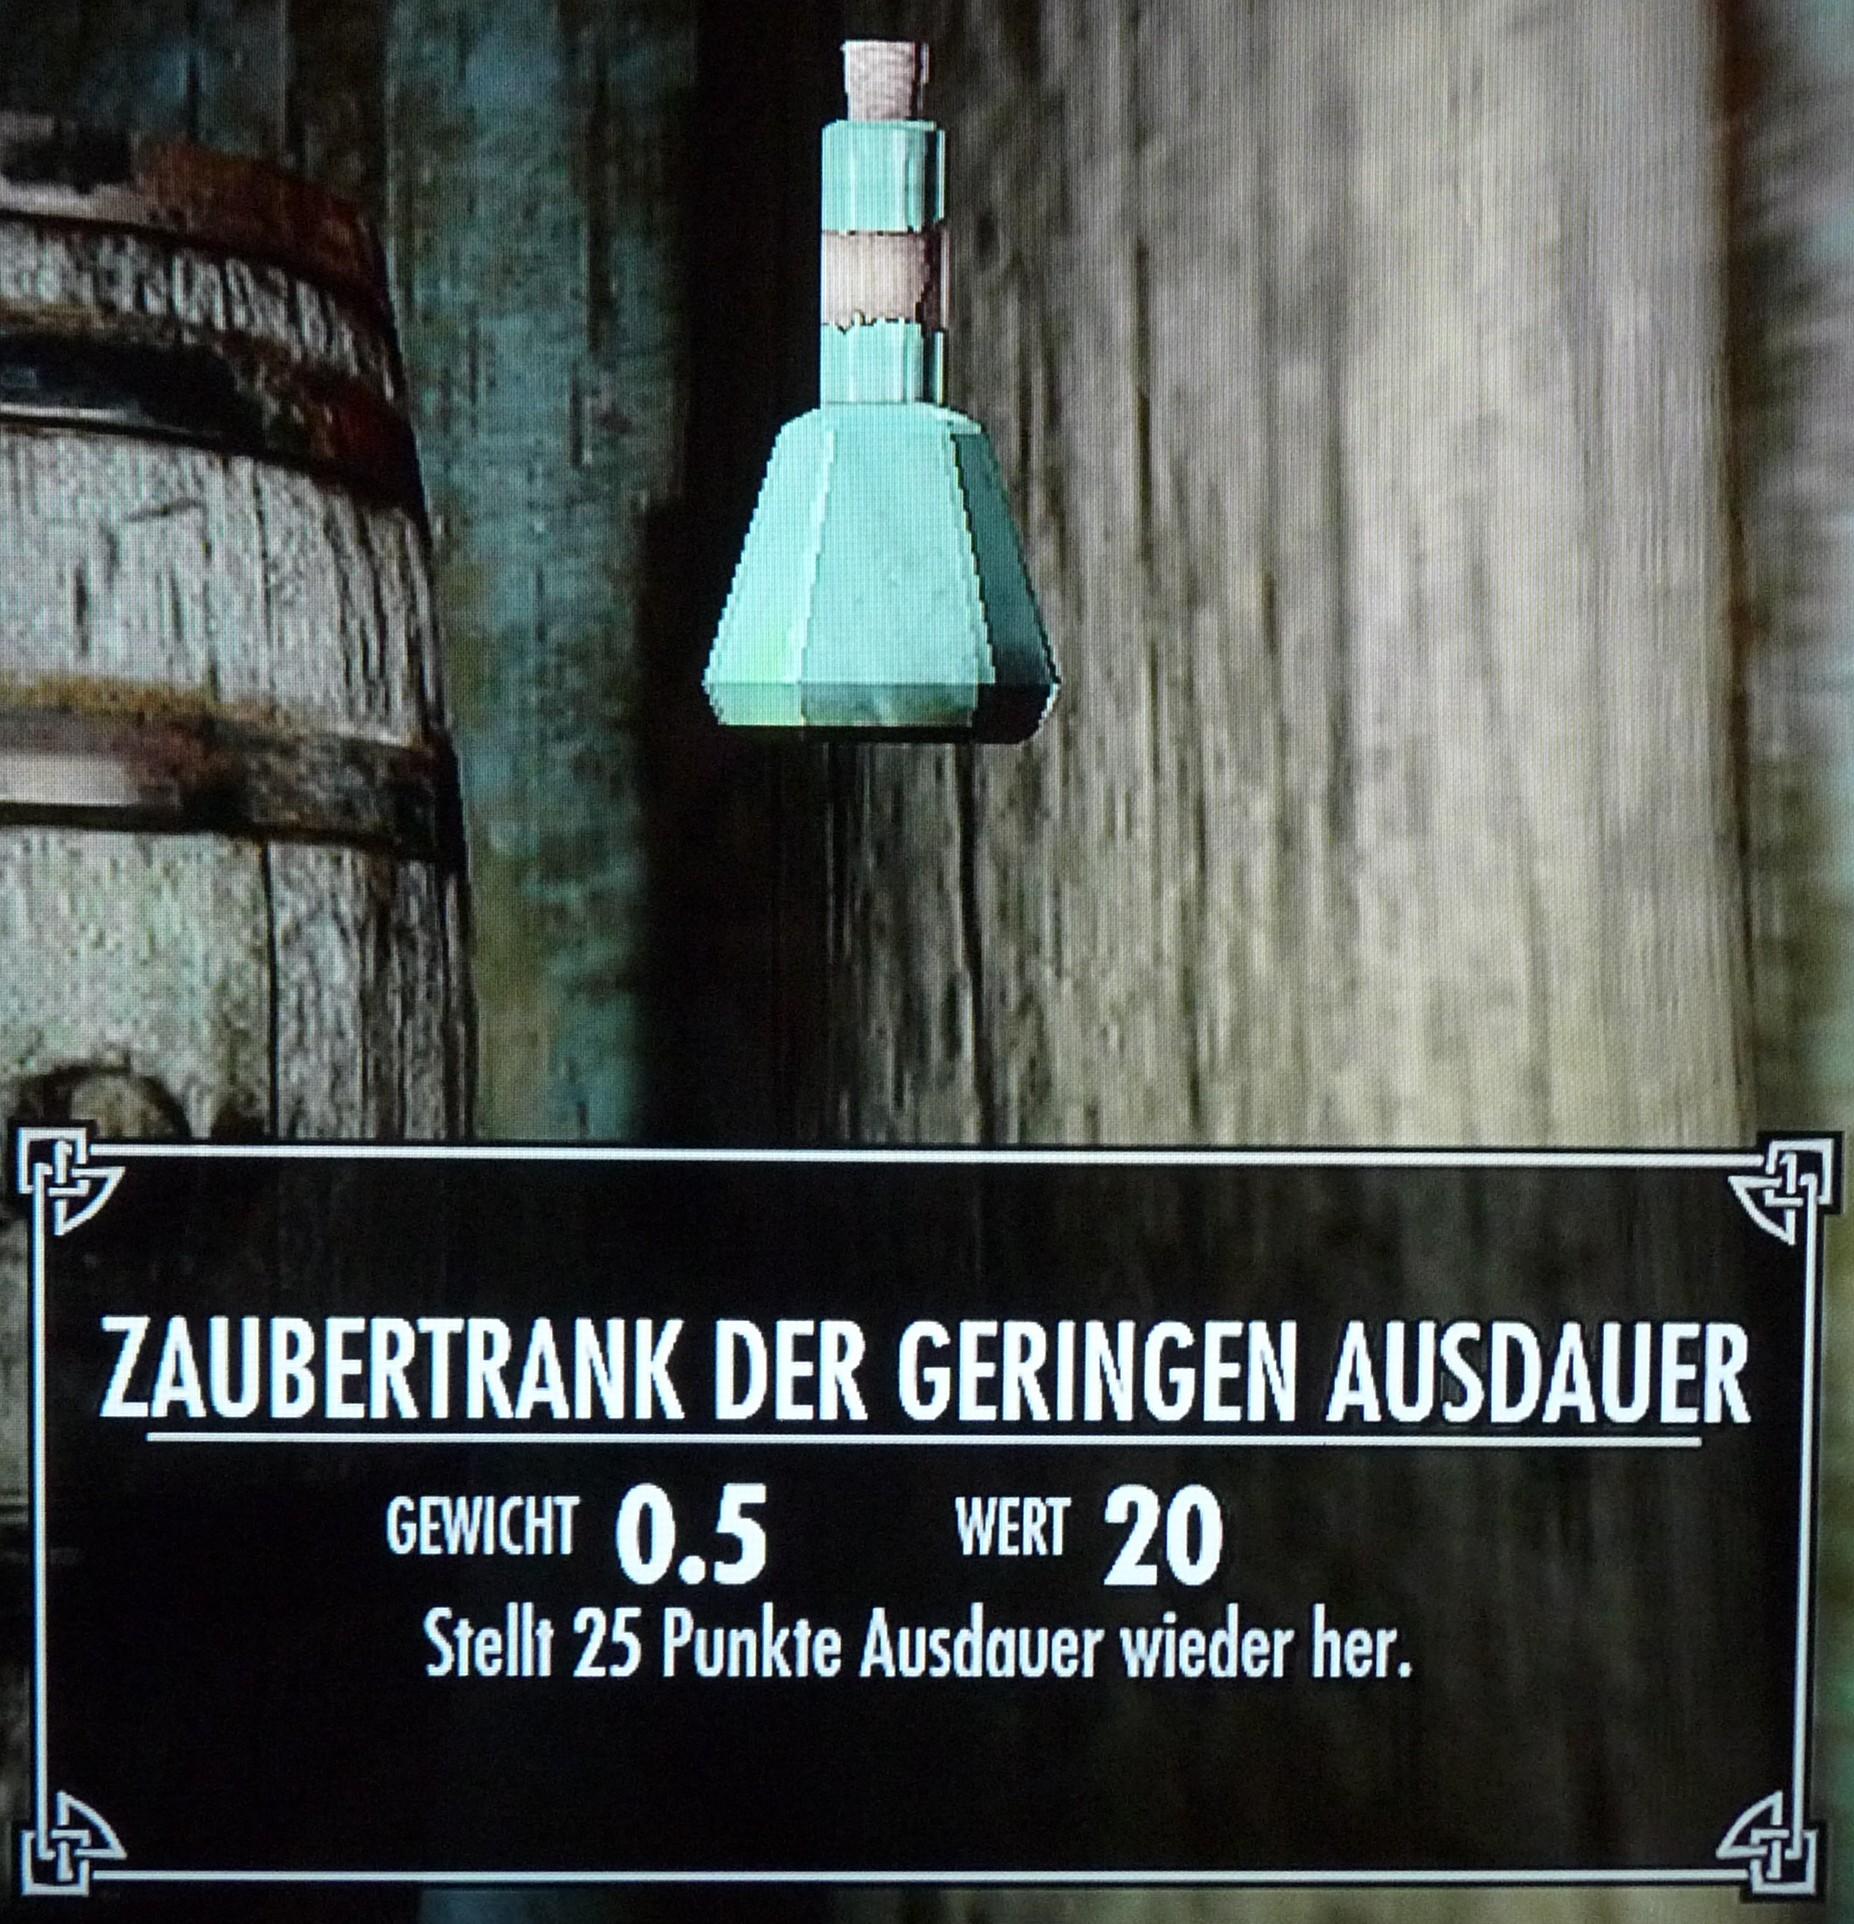 Bild - Zaubertrank der geringen Ausdauer.jpg | Elder Scrolls Wiki ...